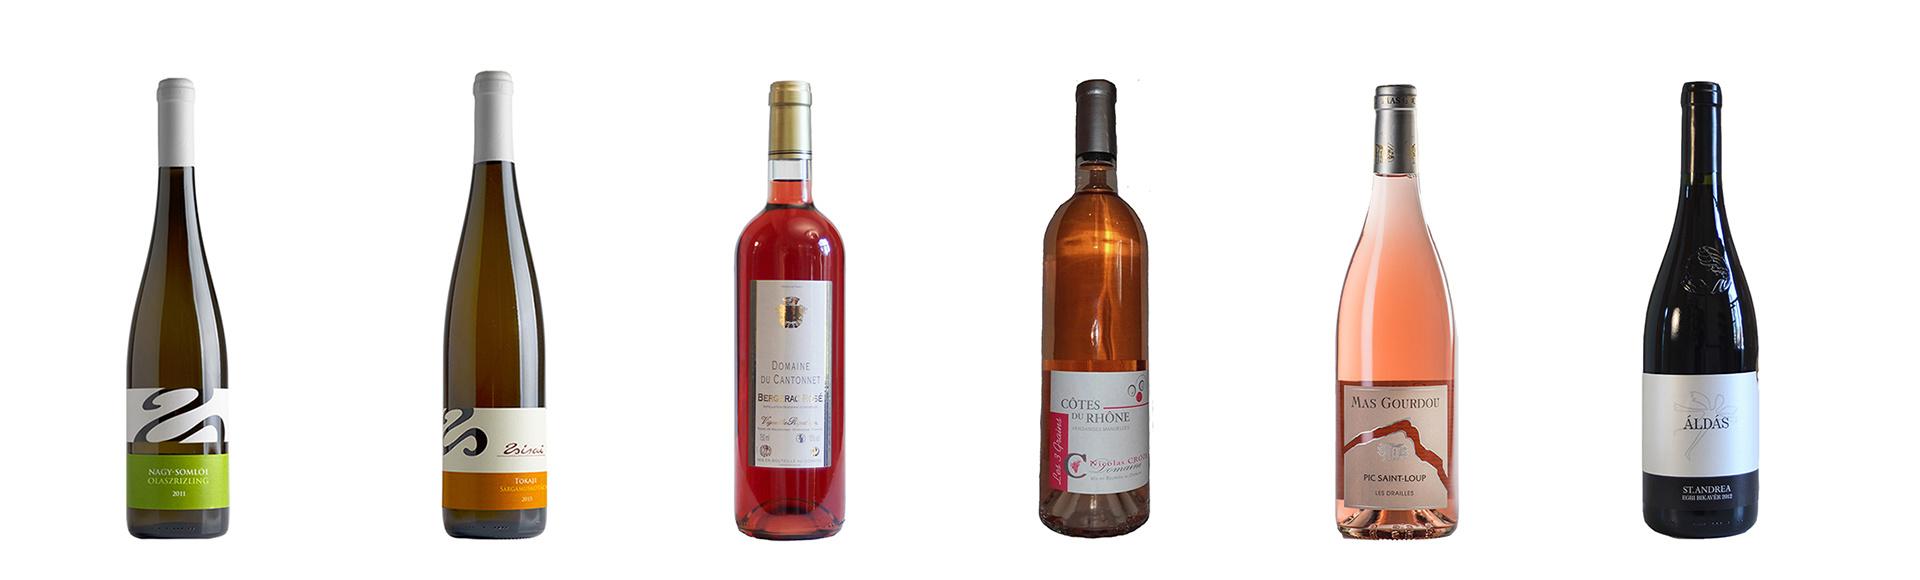 Wijnpakket van 6 mooi weer wijnen